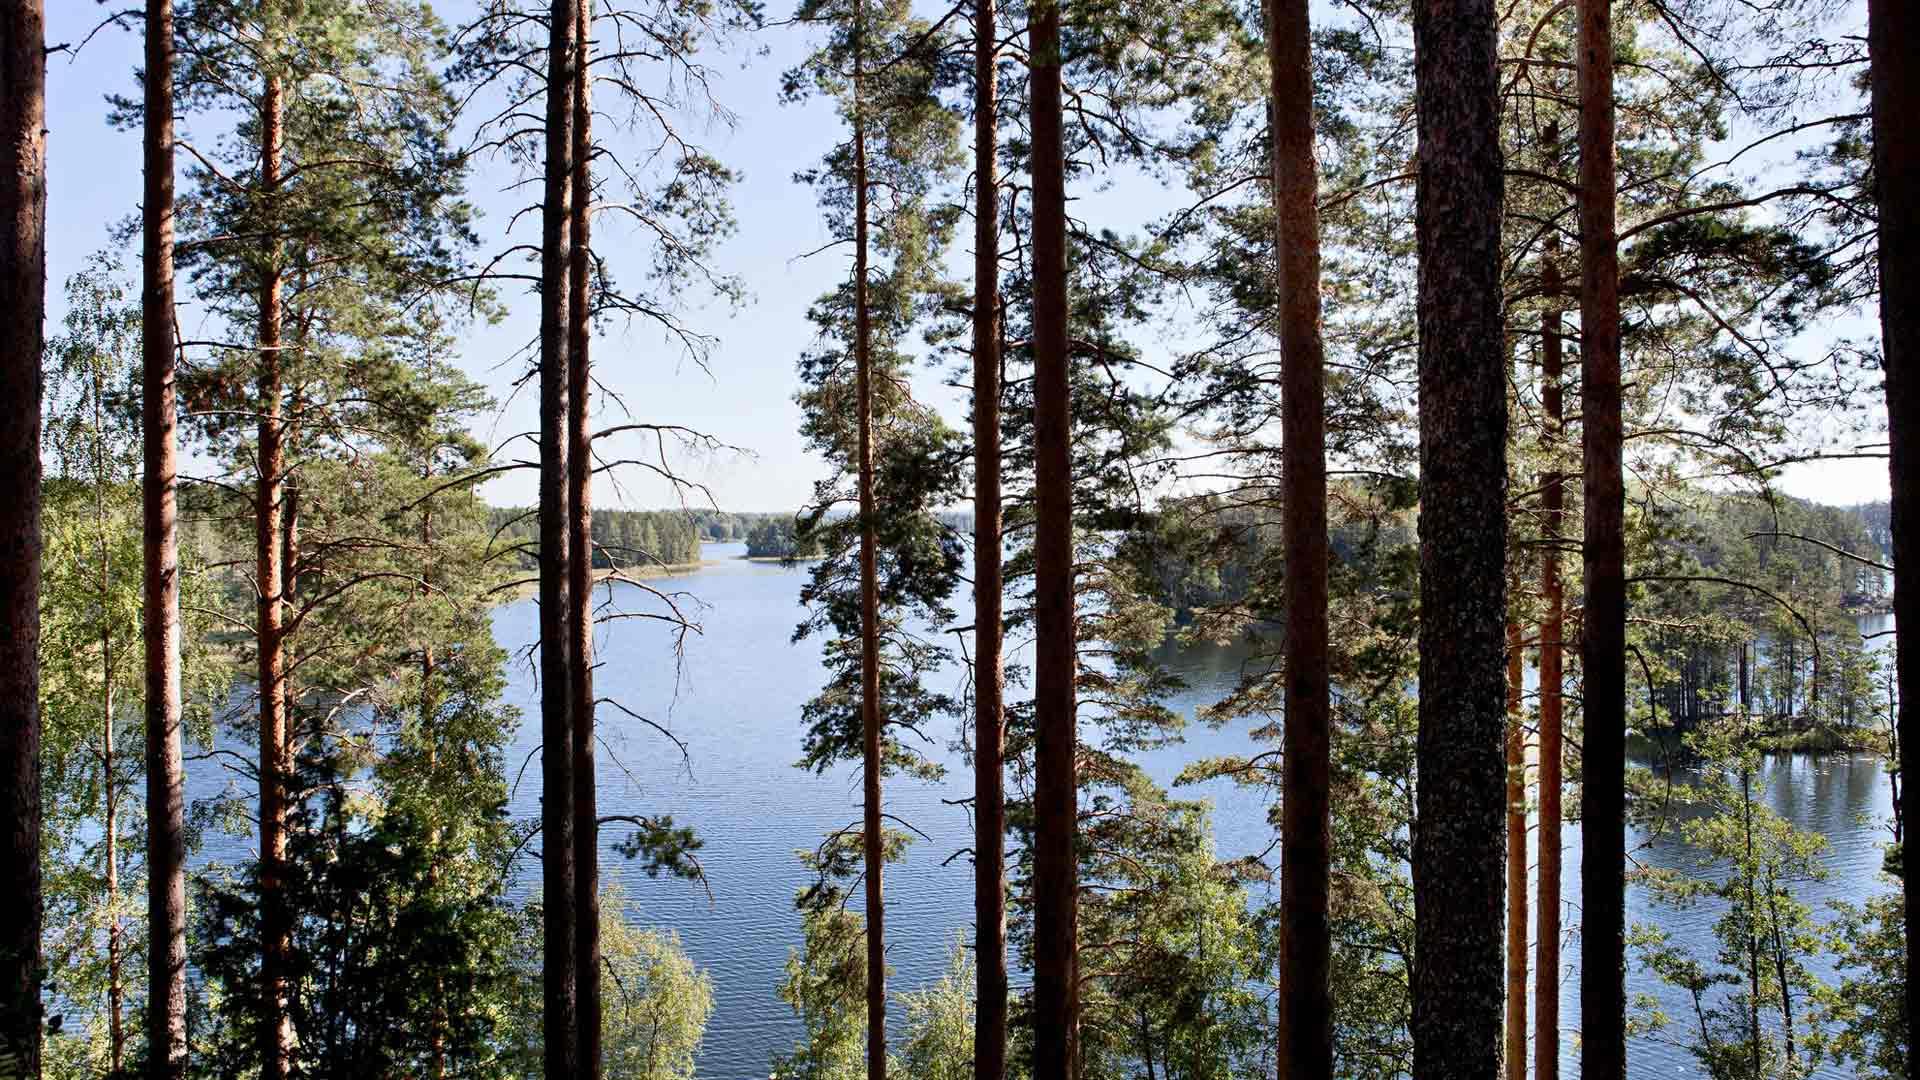 Punkaharjun mäntymetsät ovat Suomen kansallisaarre ja sopivat hyvin parantolafilosofiaan. Metsän ja raittiin ilman tiedettiin tekevät hyvää keuhkosairaille.